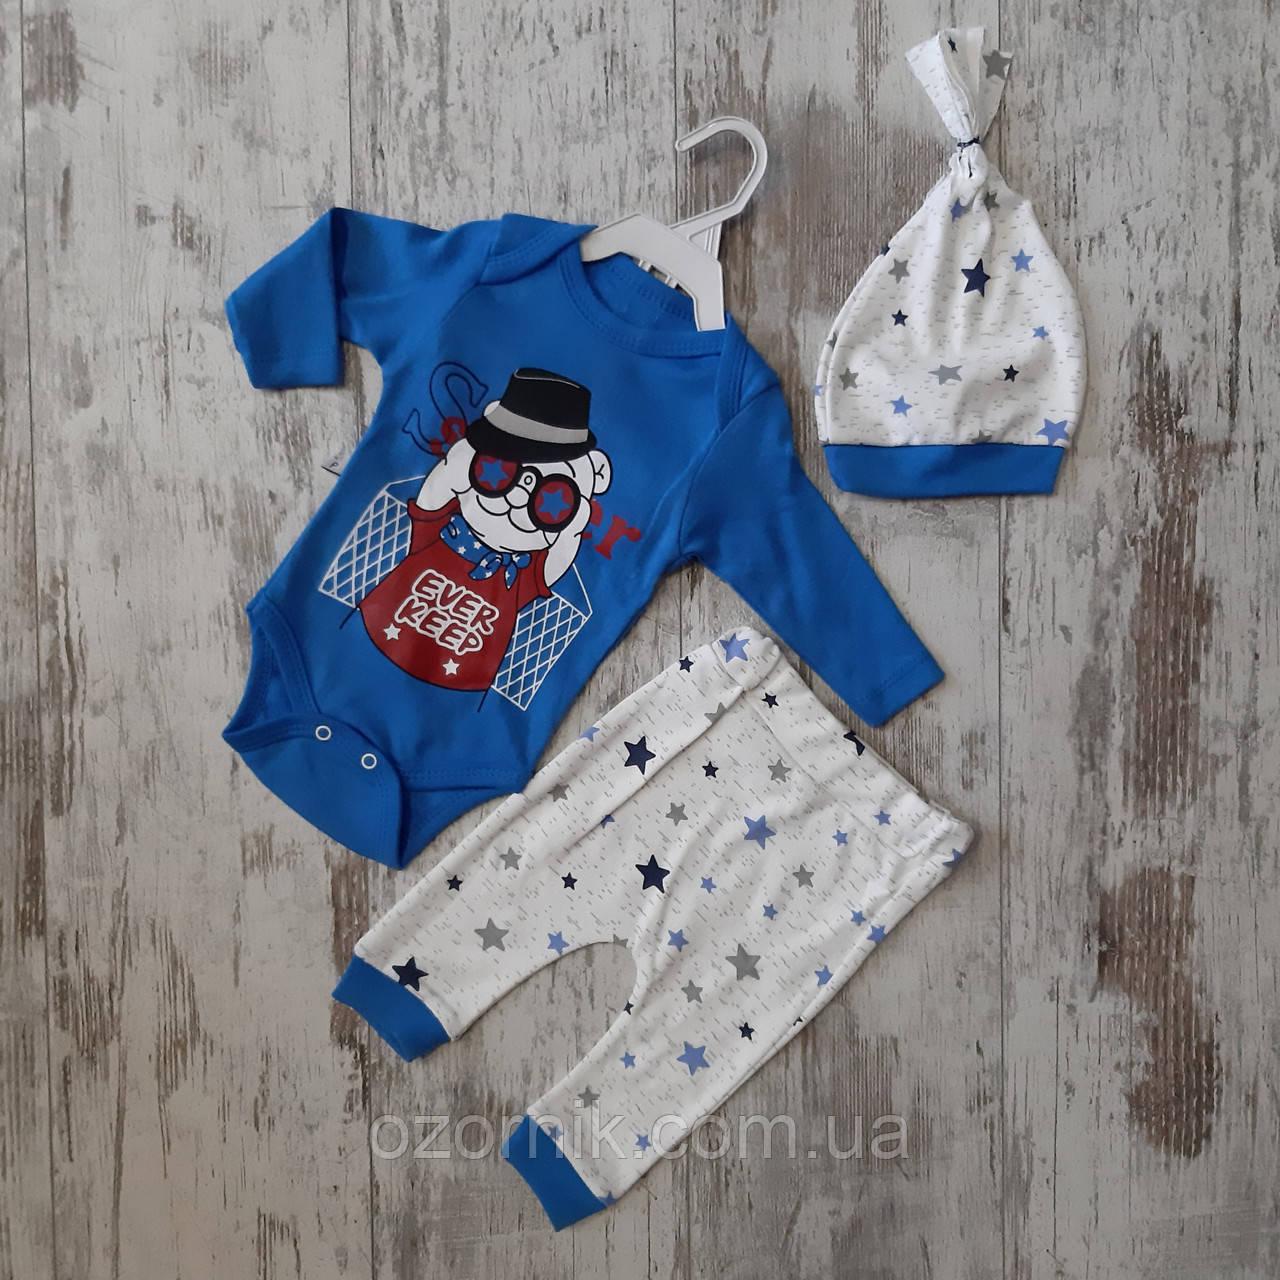 Оптом Набор Одежды для Новорожденных Мальчиков 3-9 мес. Турция